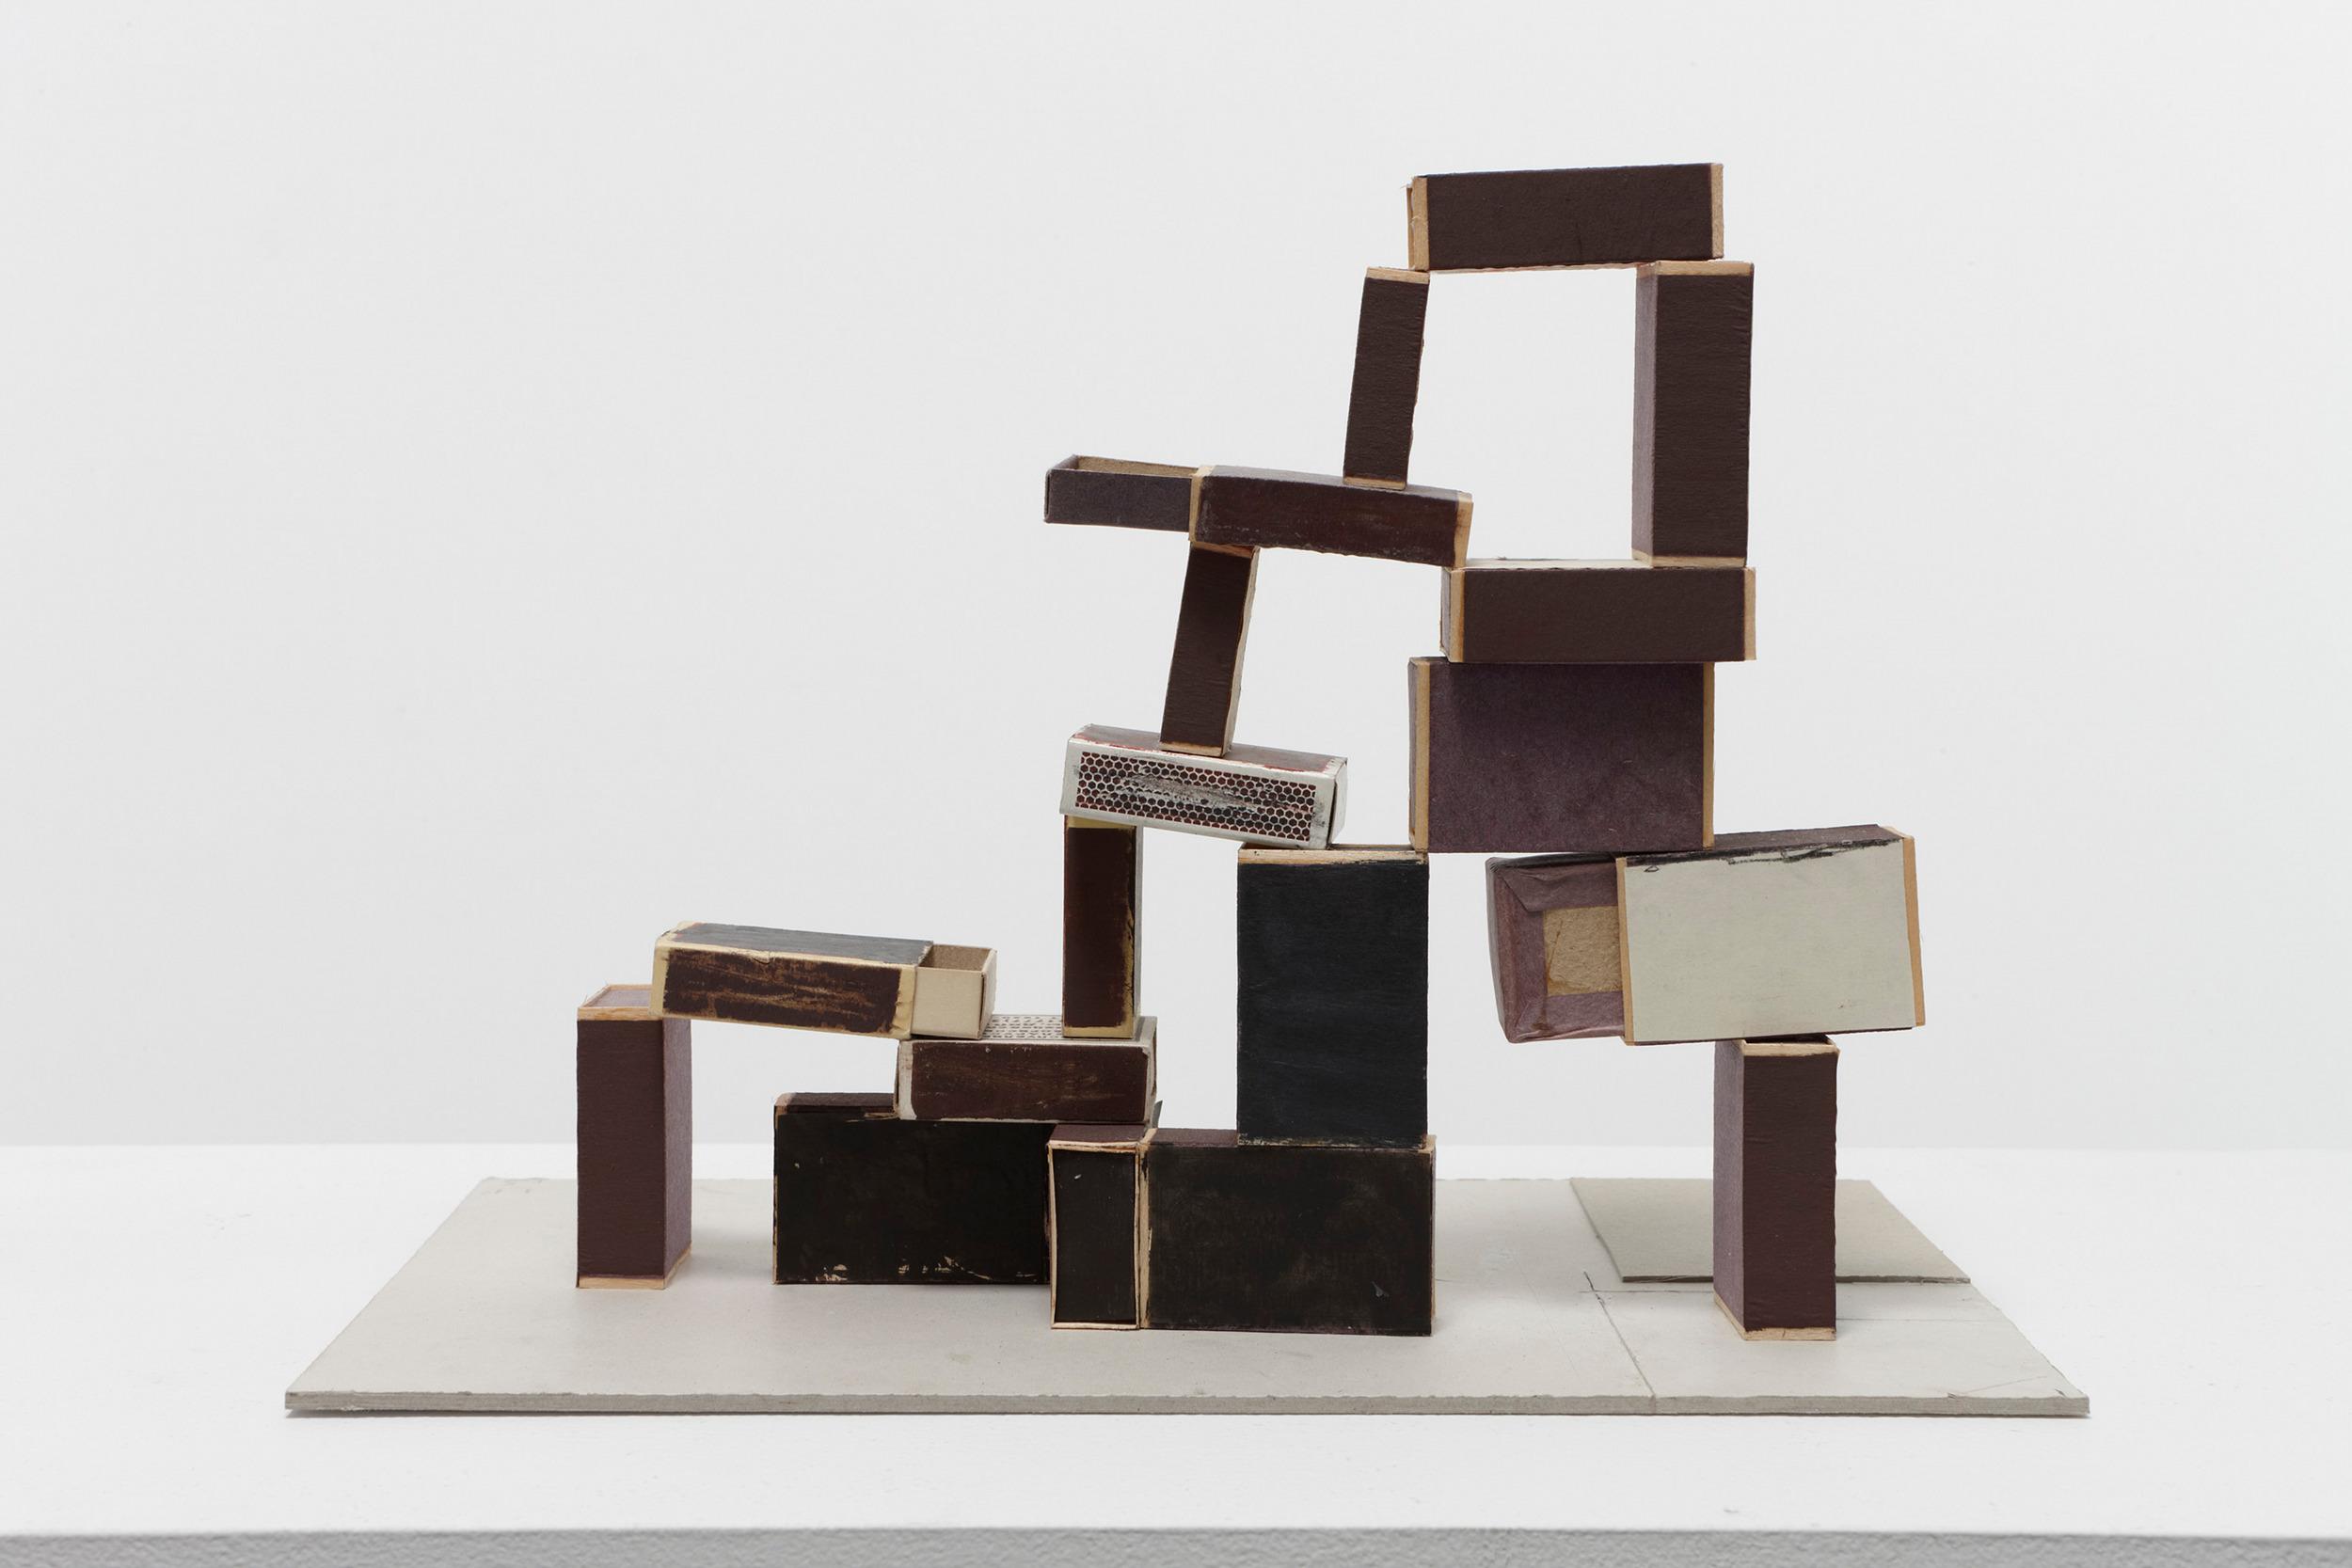 Ladder (Échelle), papier, colle, boîtes d'allumettes, carton, graphite et aquarelle@(23.5 x 58.4)